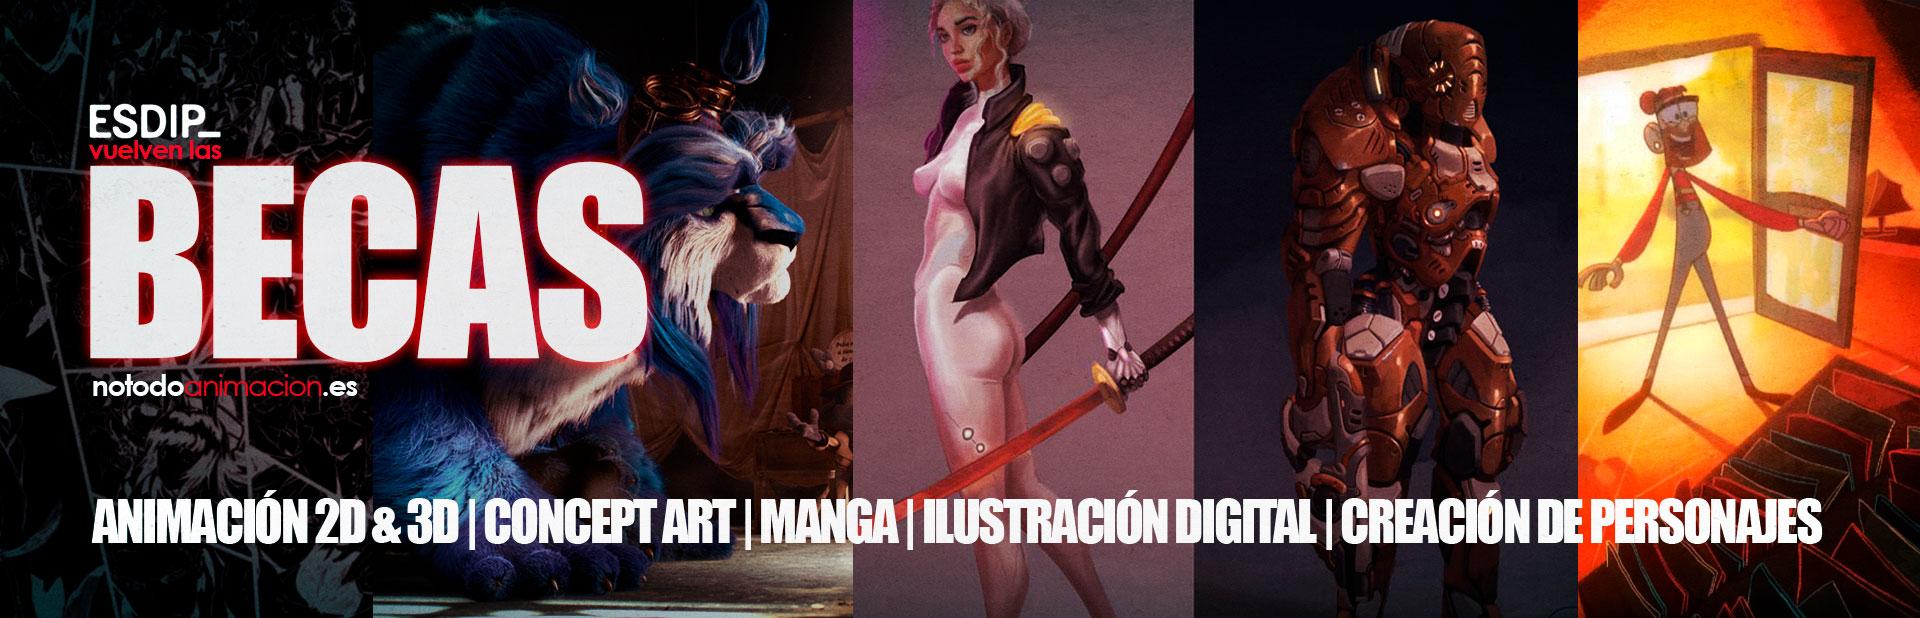 Consigue una BECA parcial para estudiar Animación 2d & 3d, Creación de personajes y color digital, Concept art para videojuegos, Ilustración y Manga